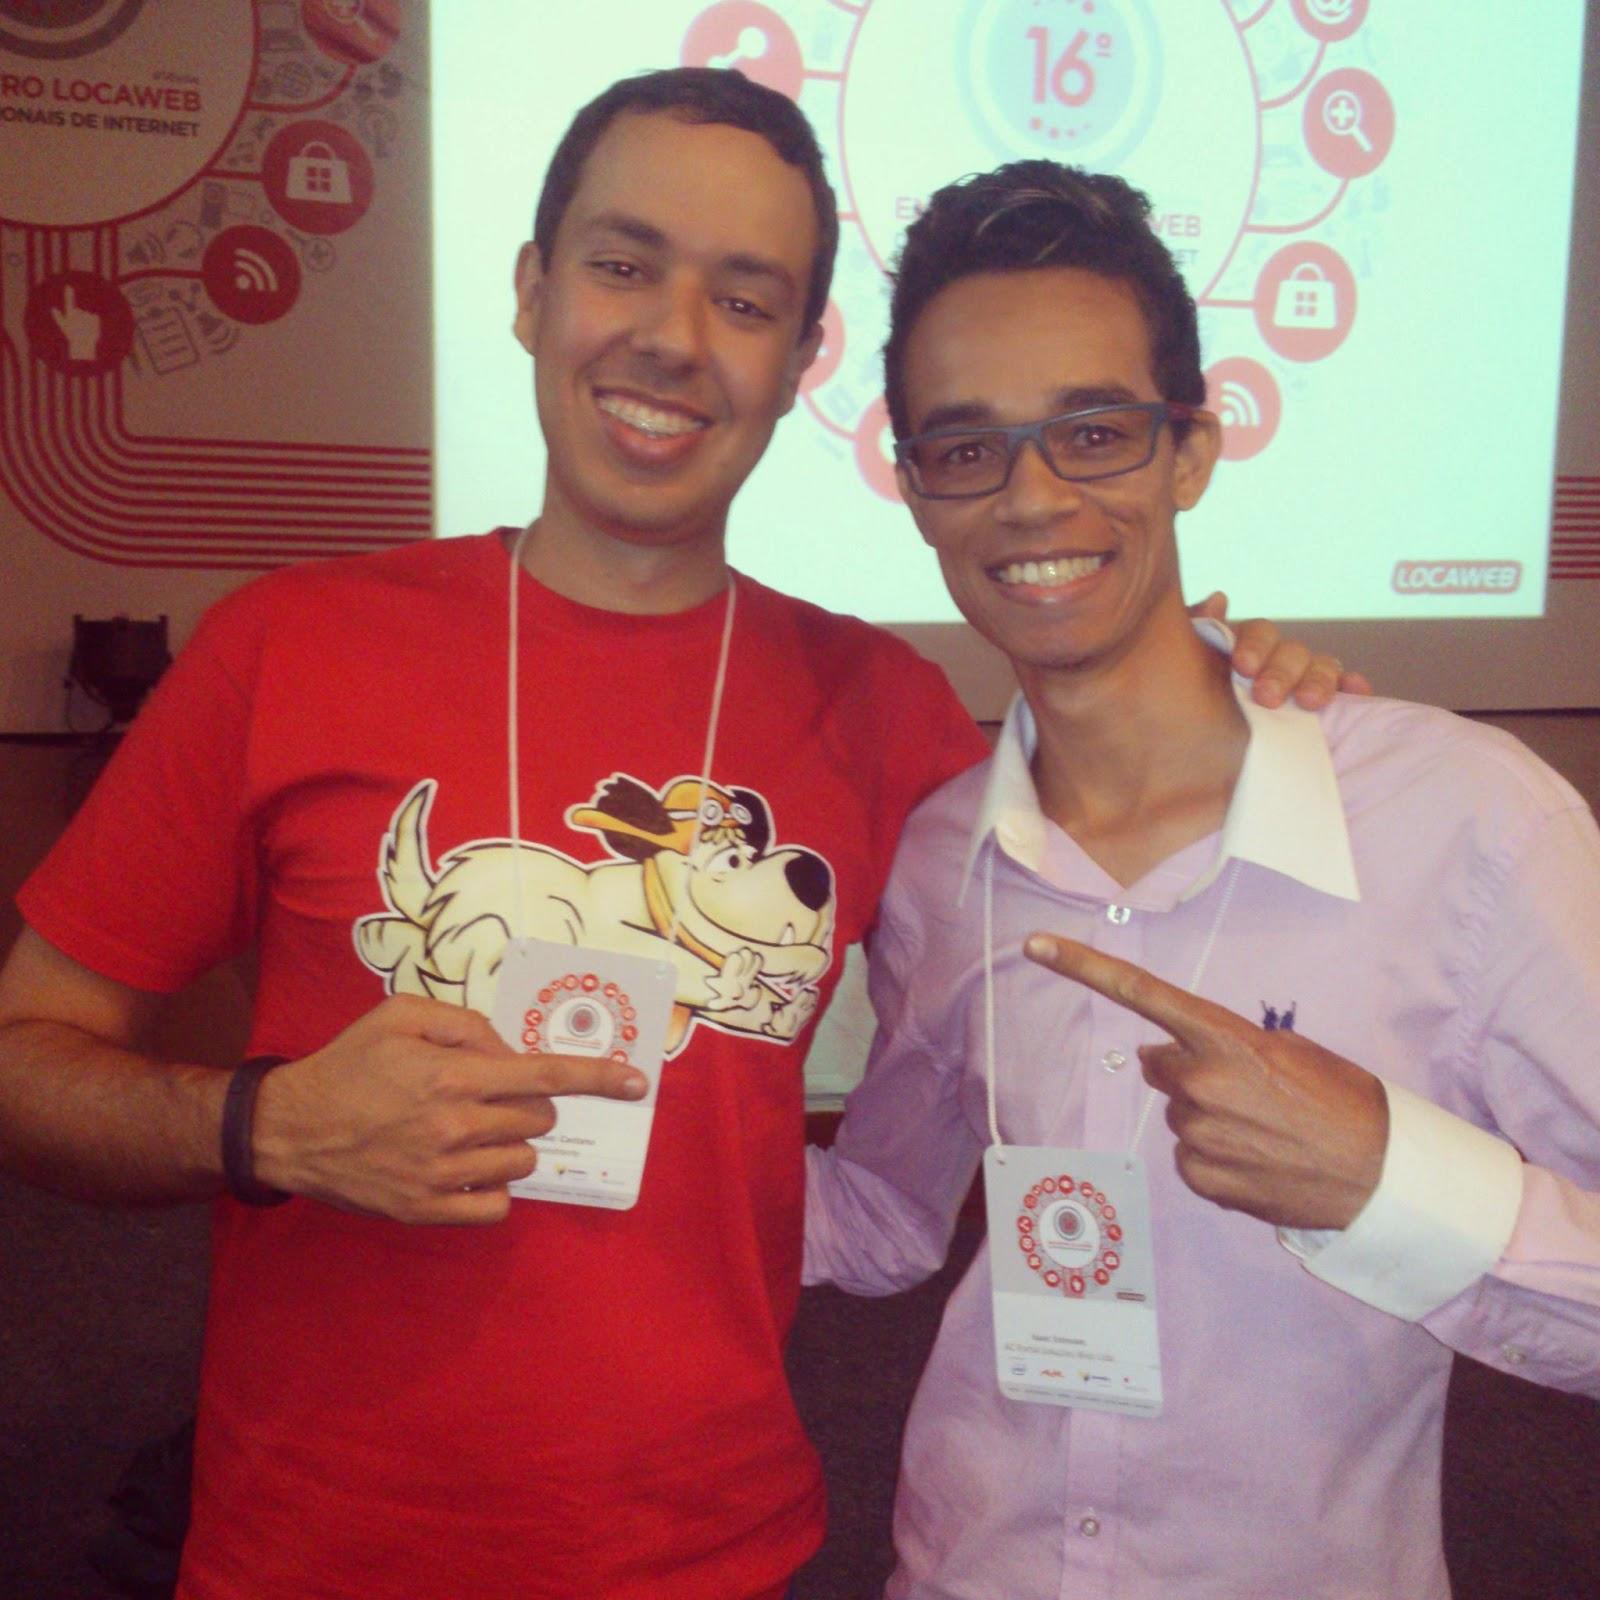 Gustavo Caetano e Webisaac no 16° Encontro de Profissionais da Internet